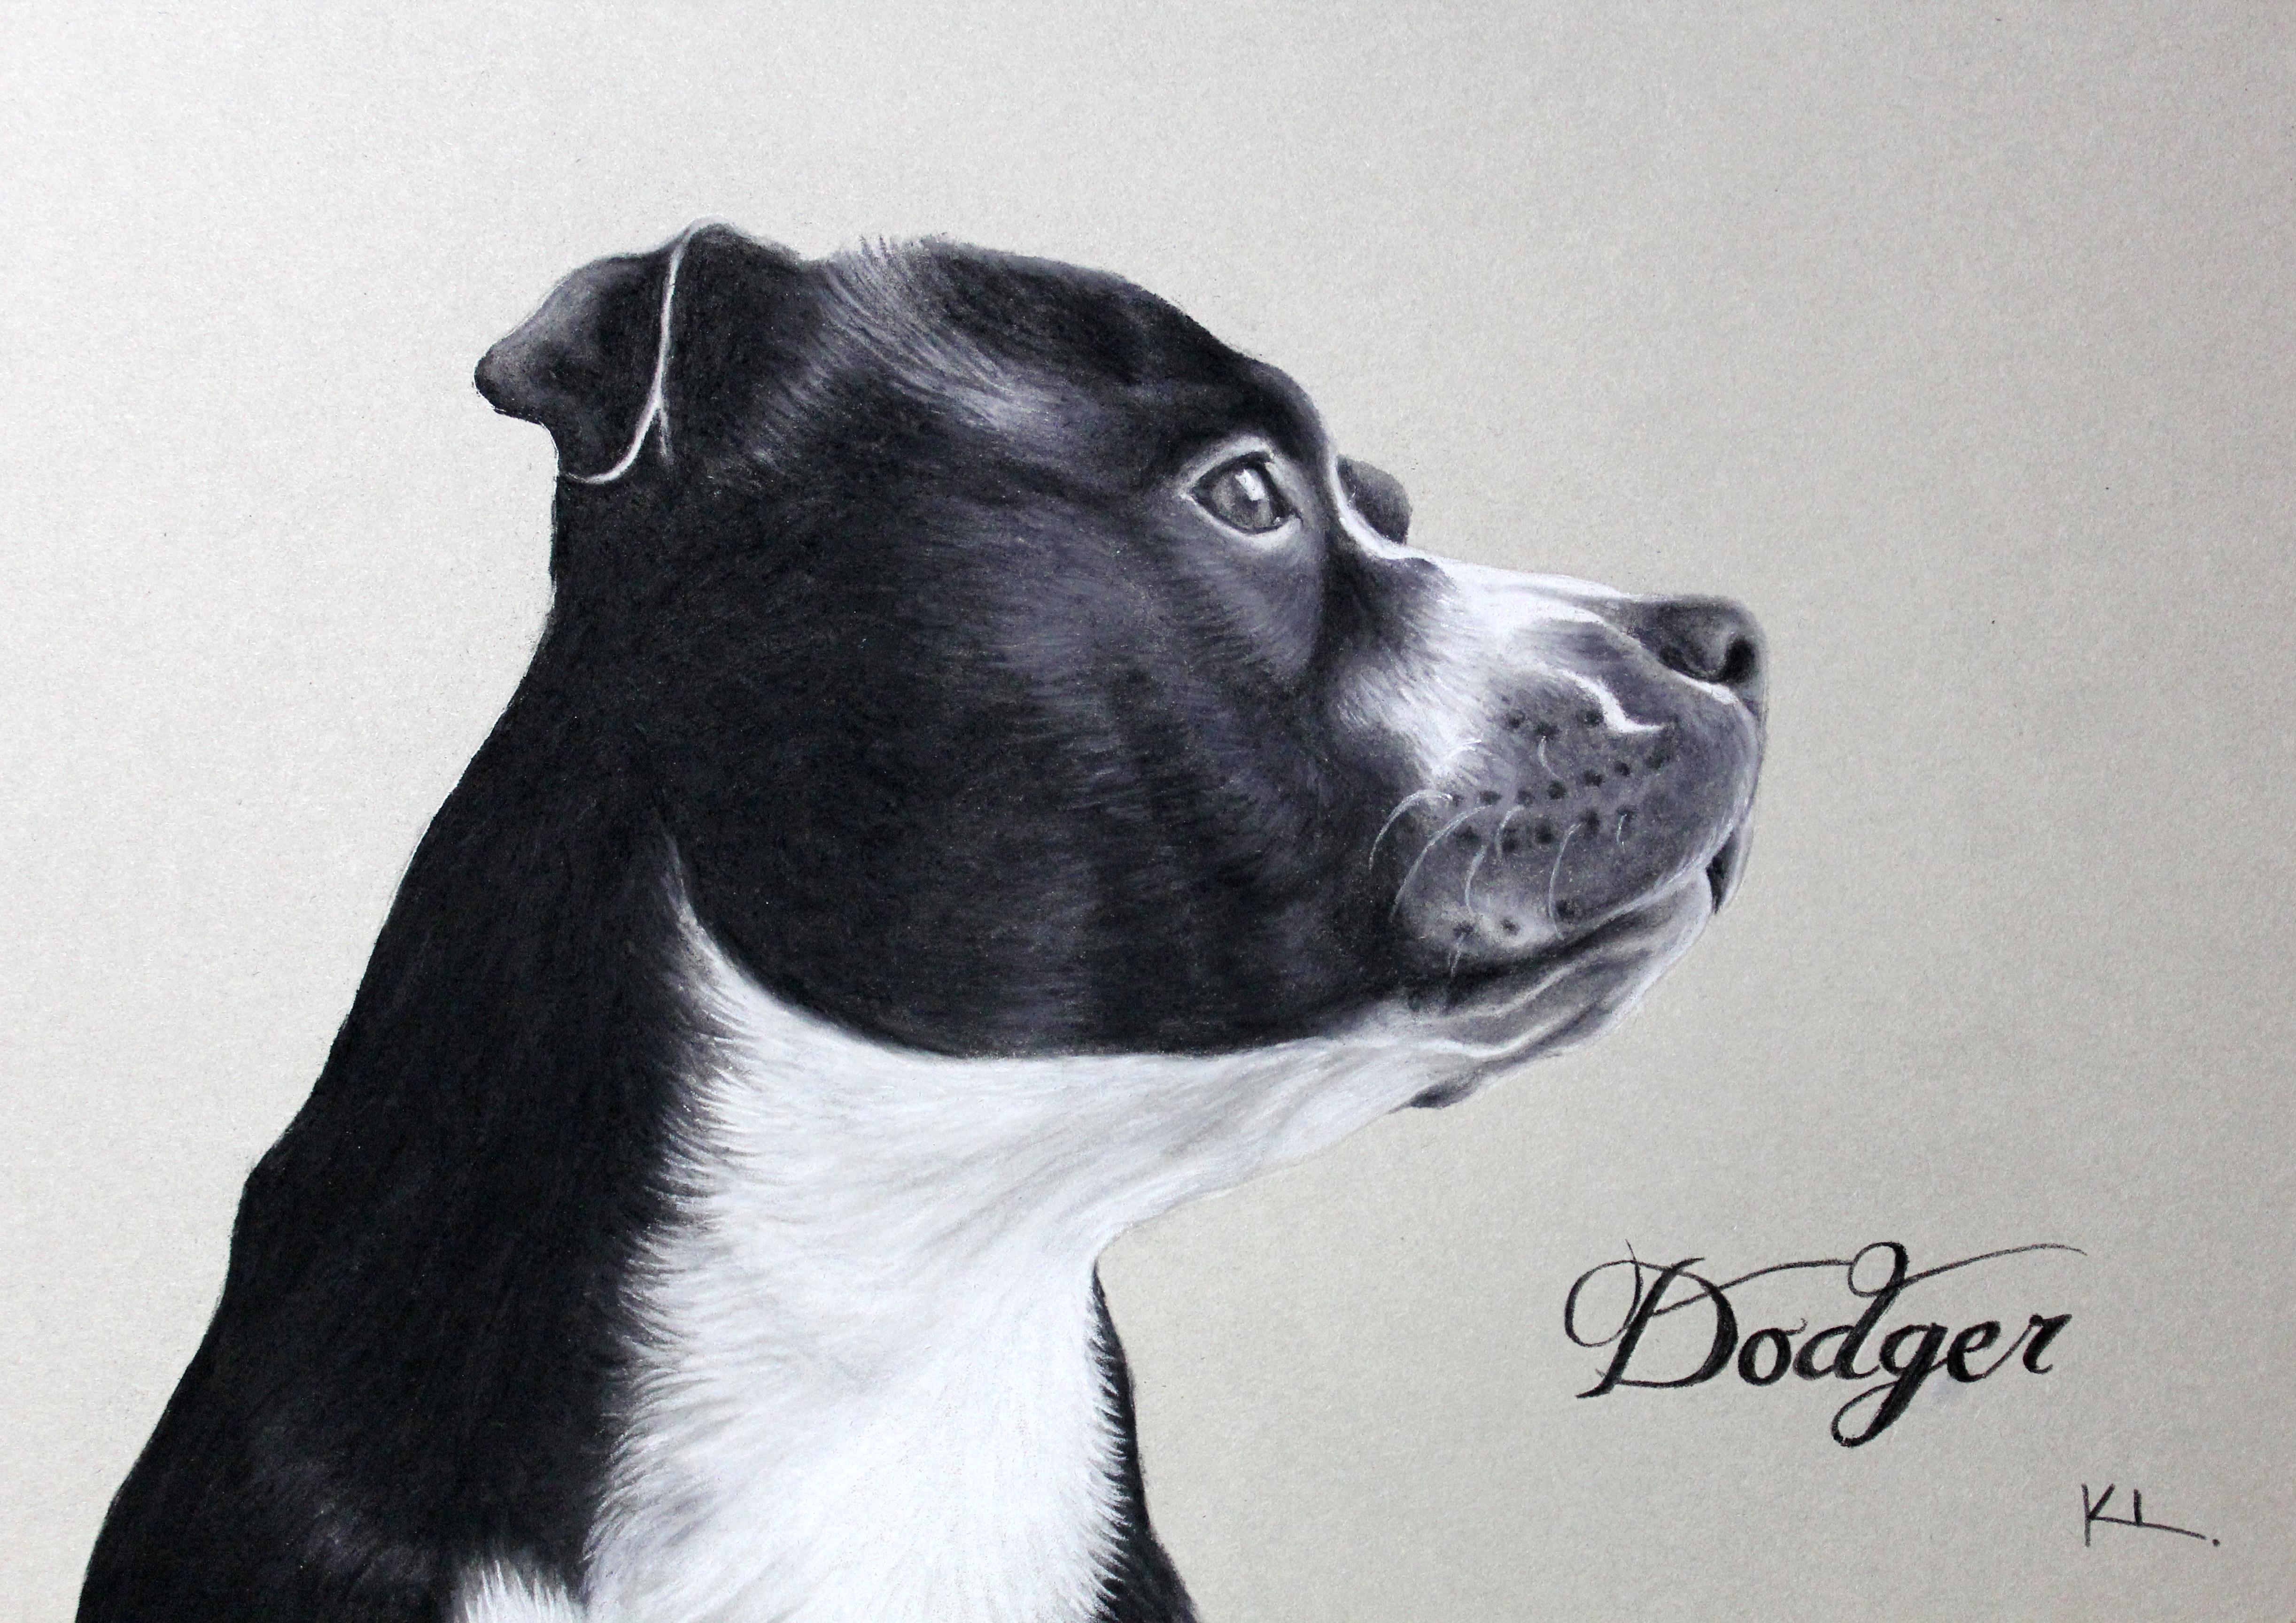 'Dodger'